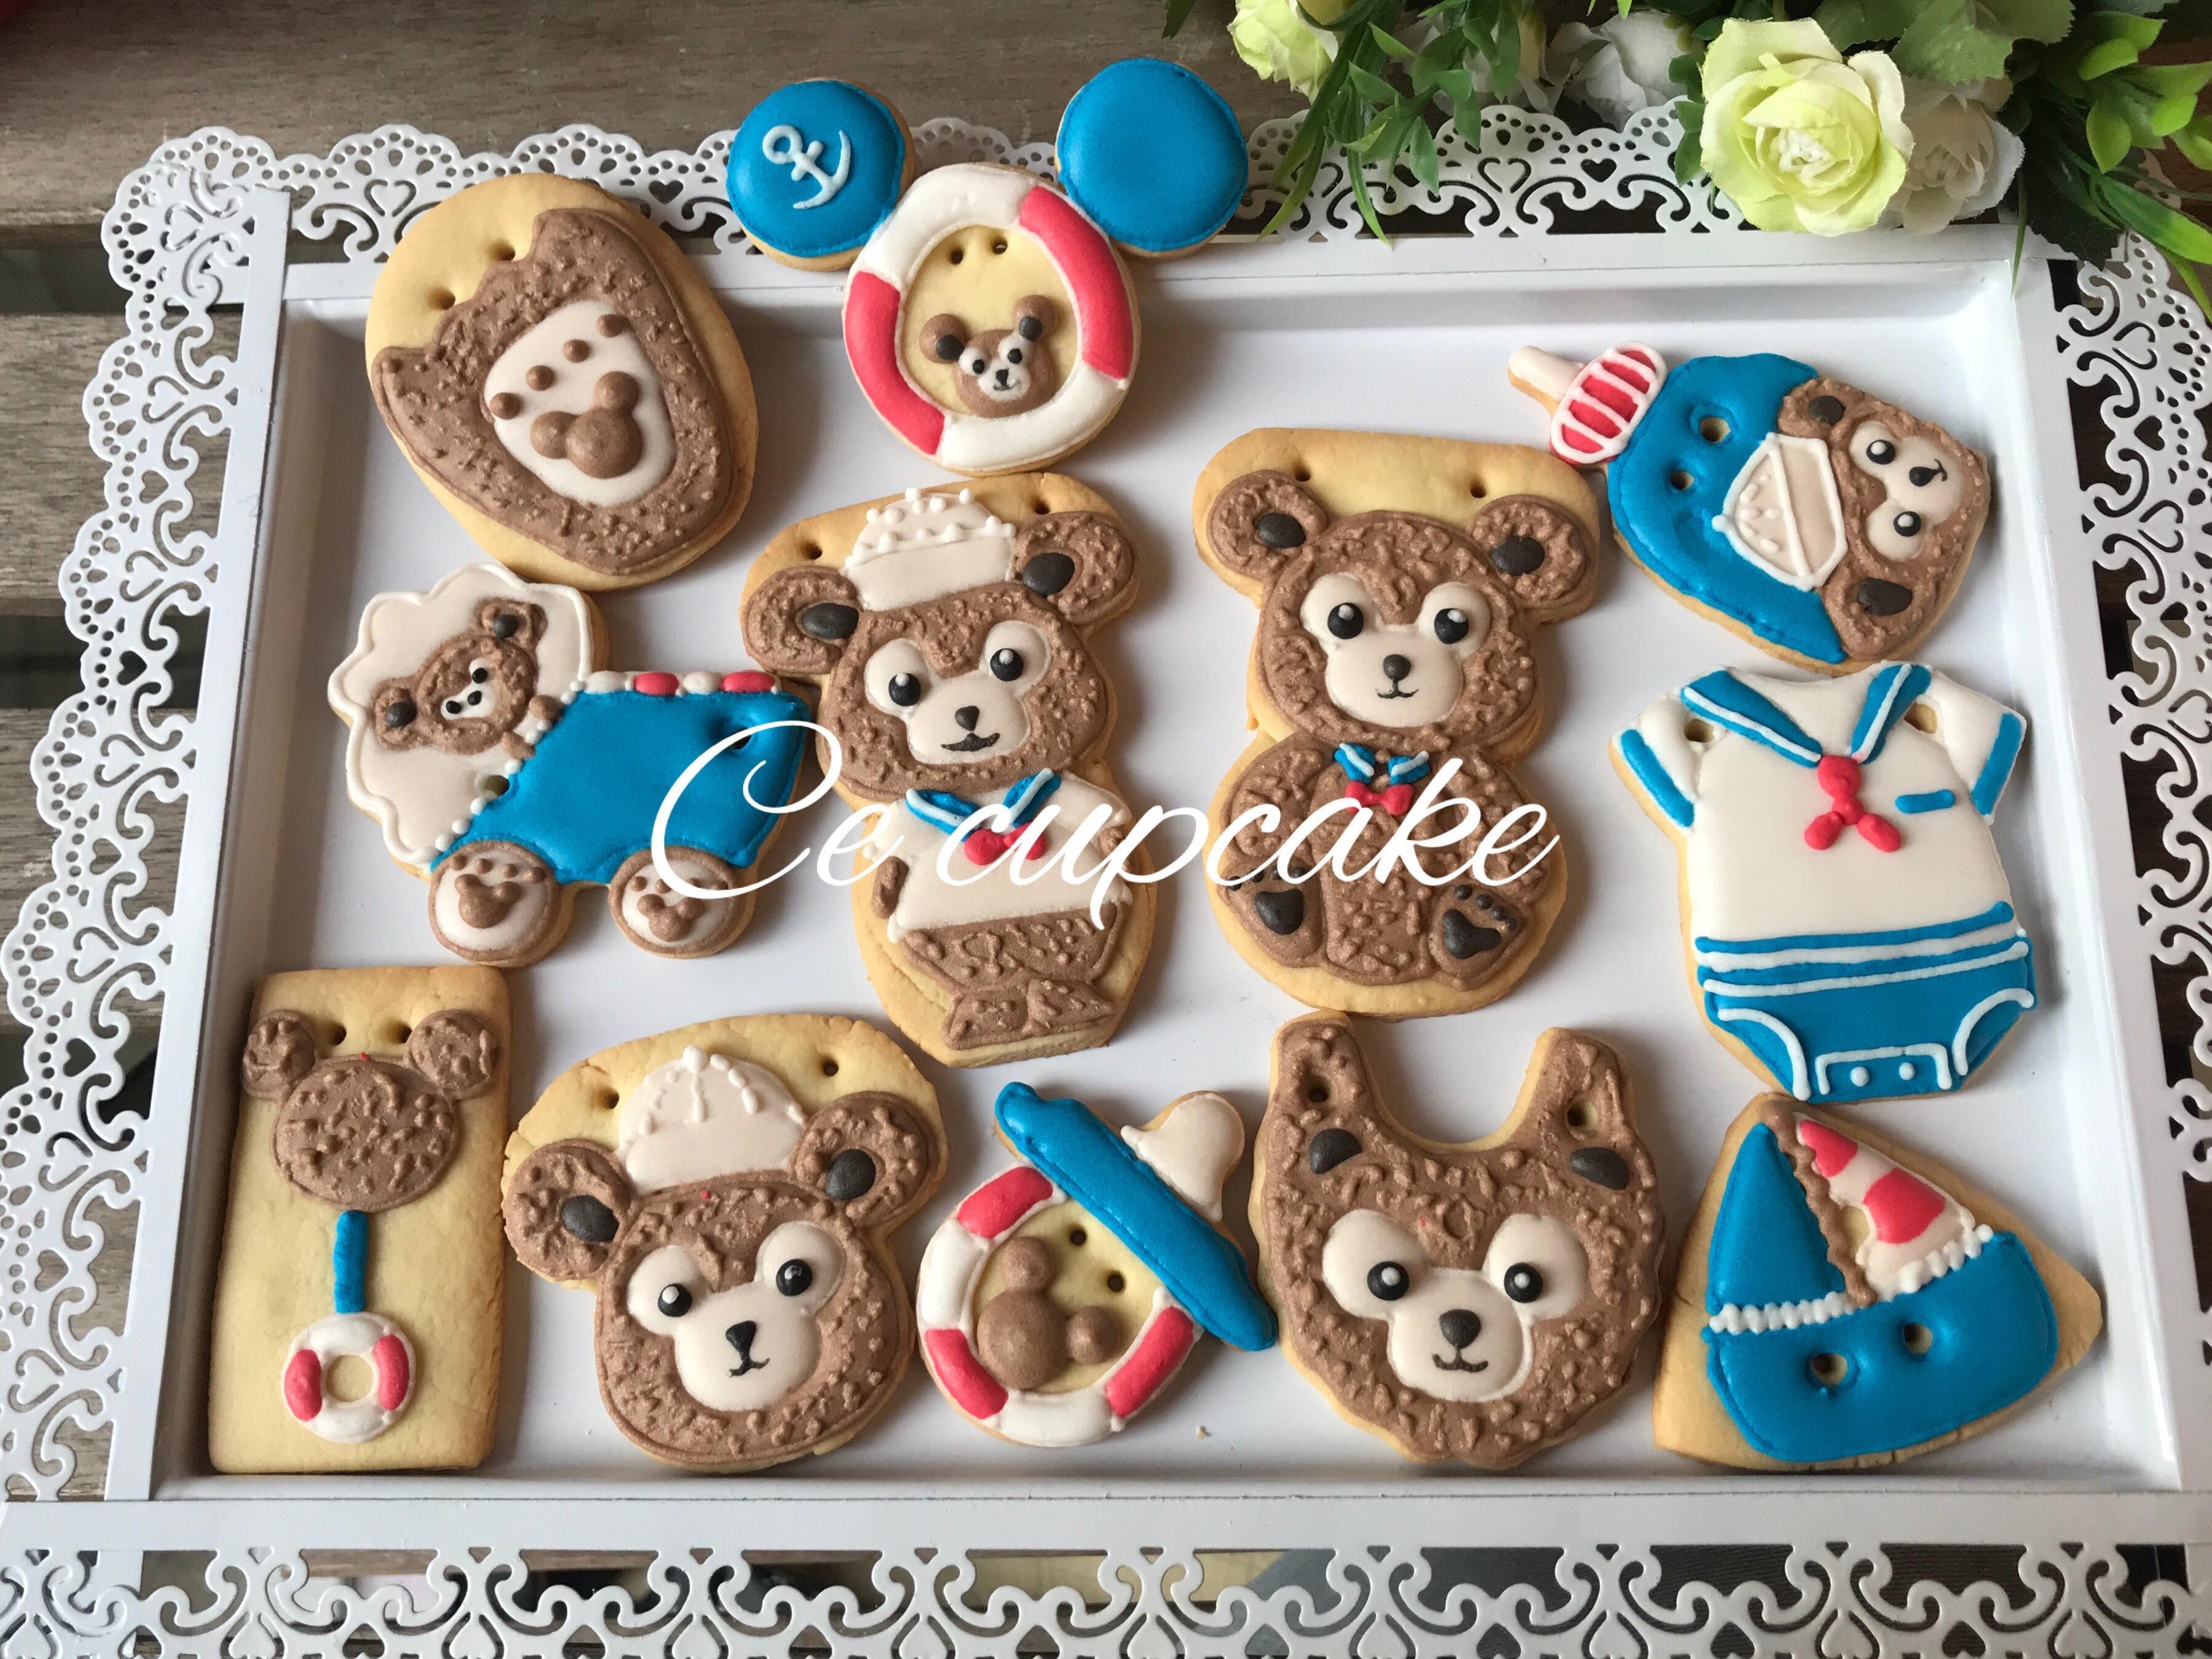 熊熊收涎糖霜餅乾